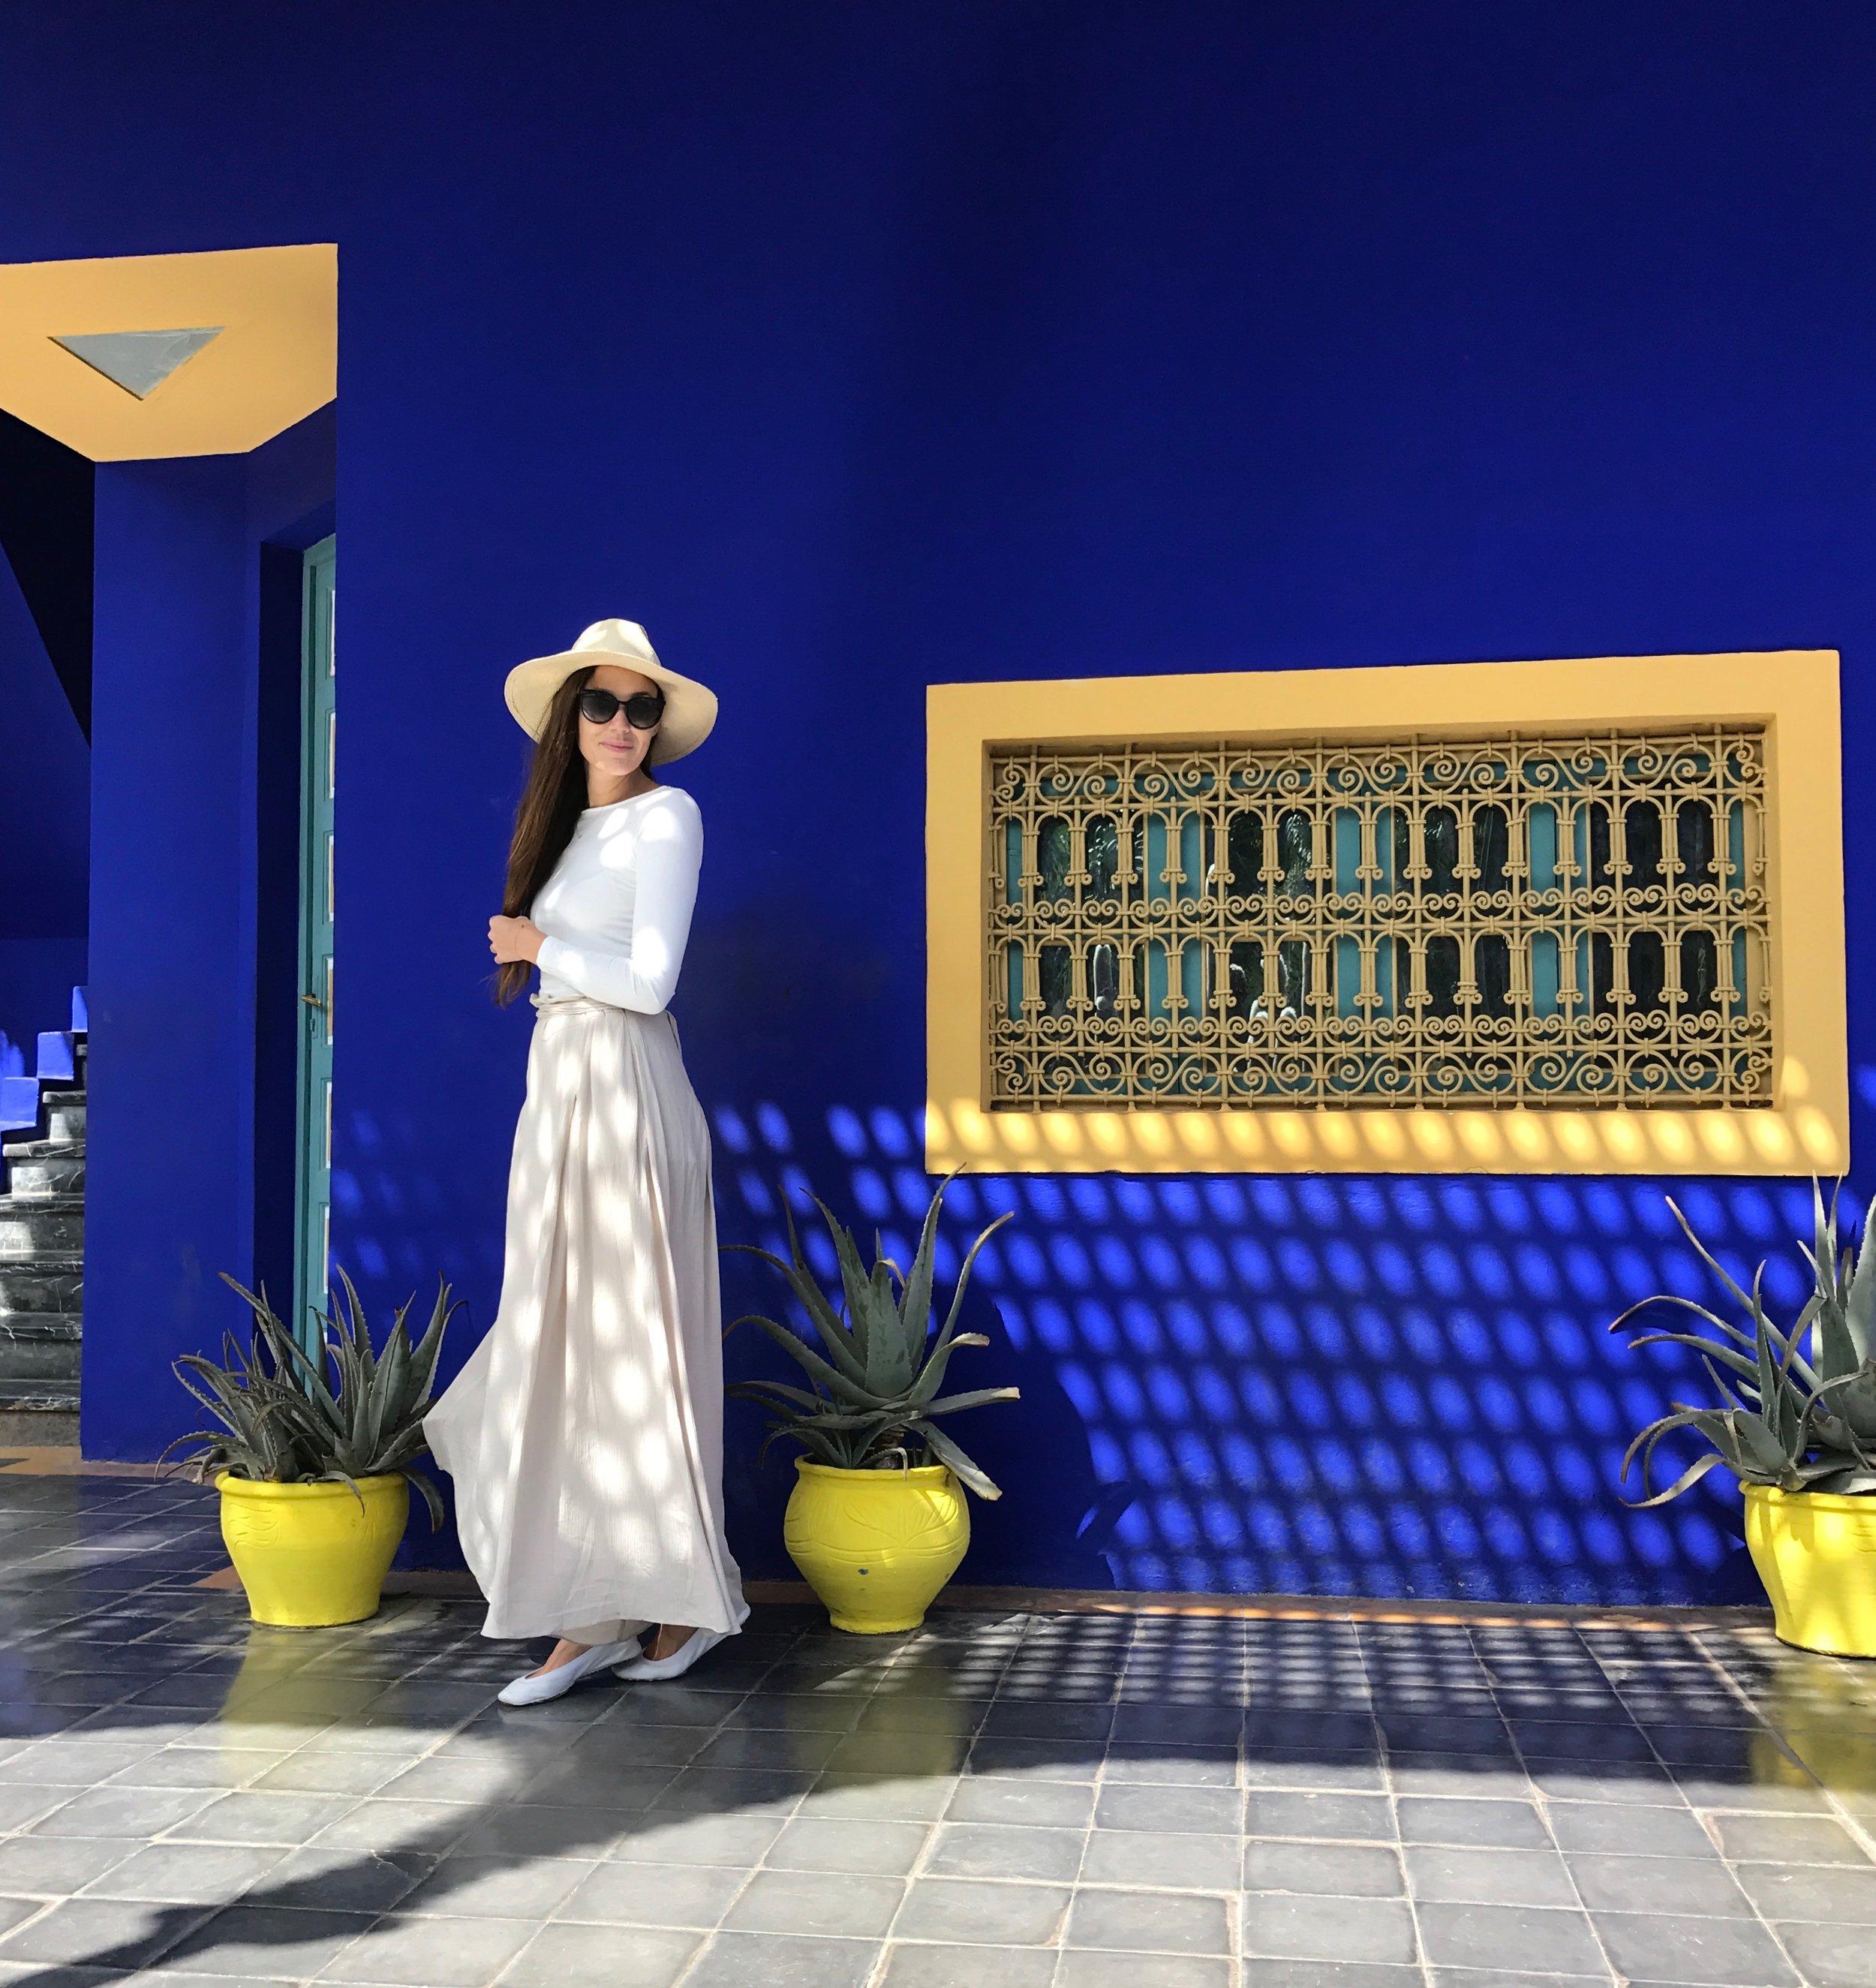 Jardin Majorelle - Marrakech Morocco, October 2016